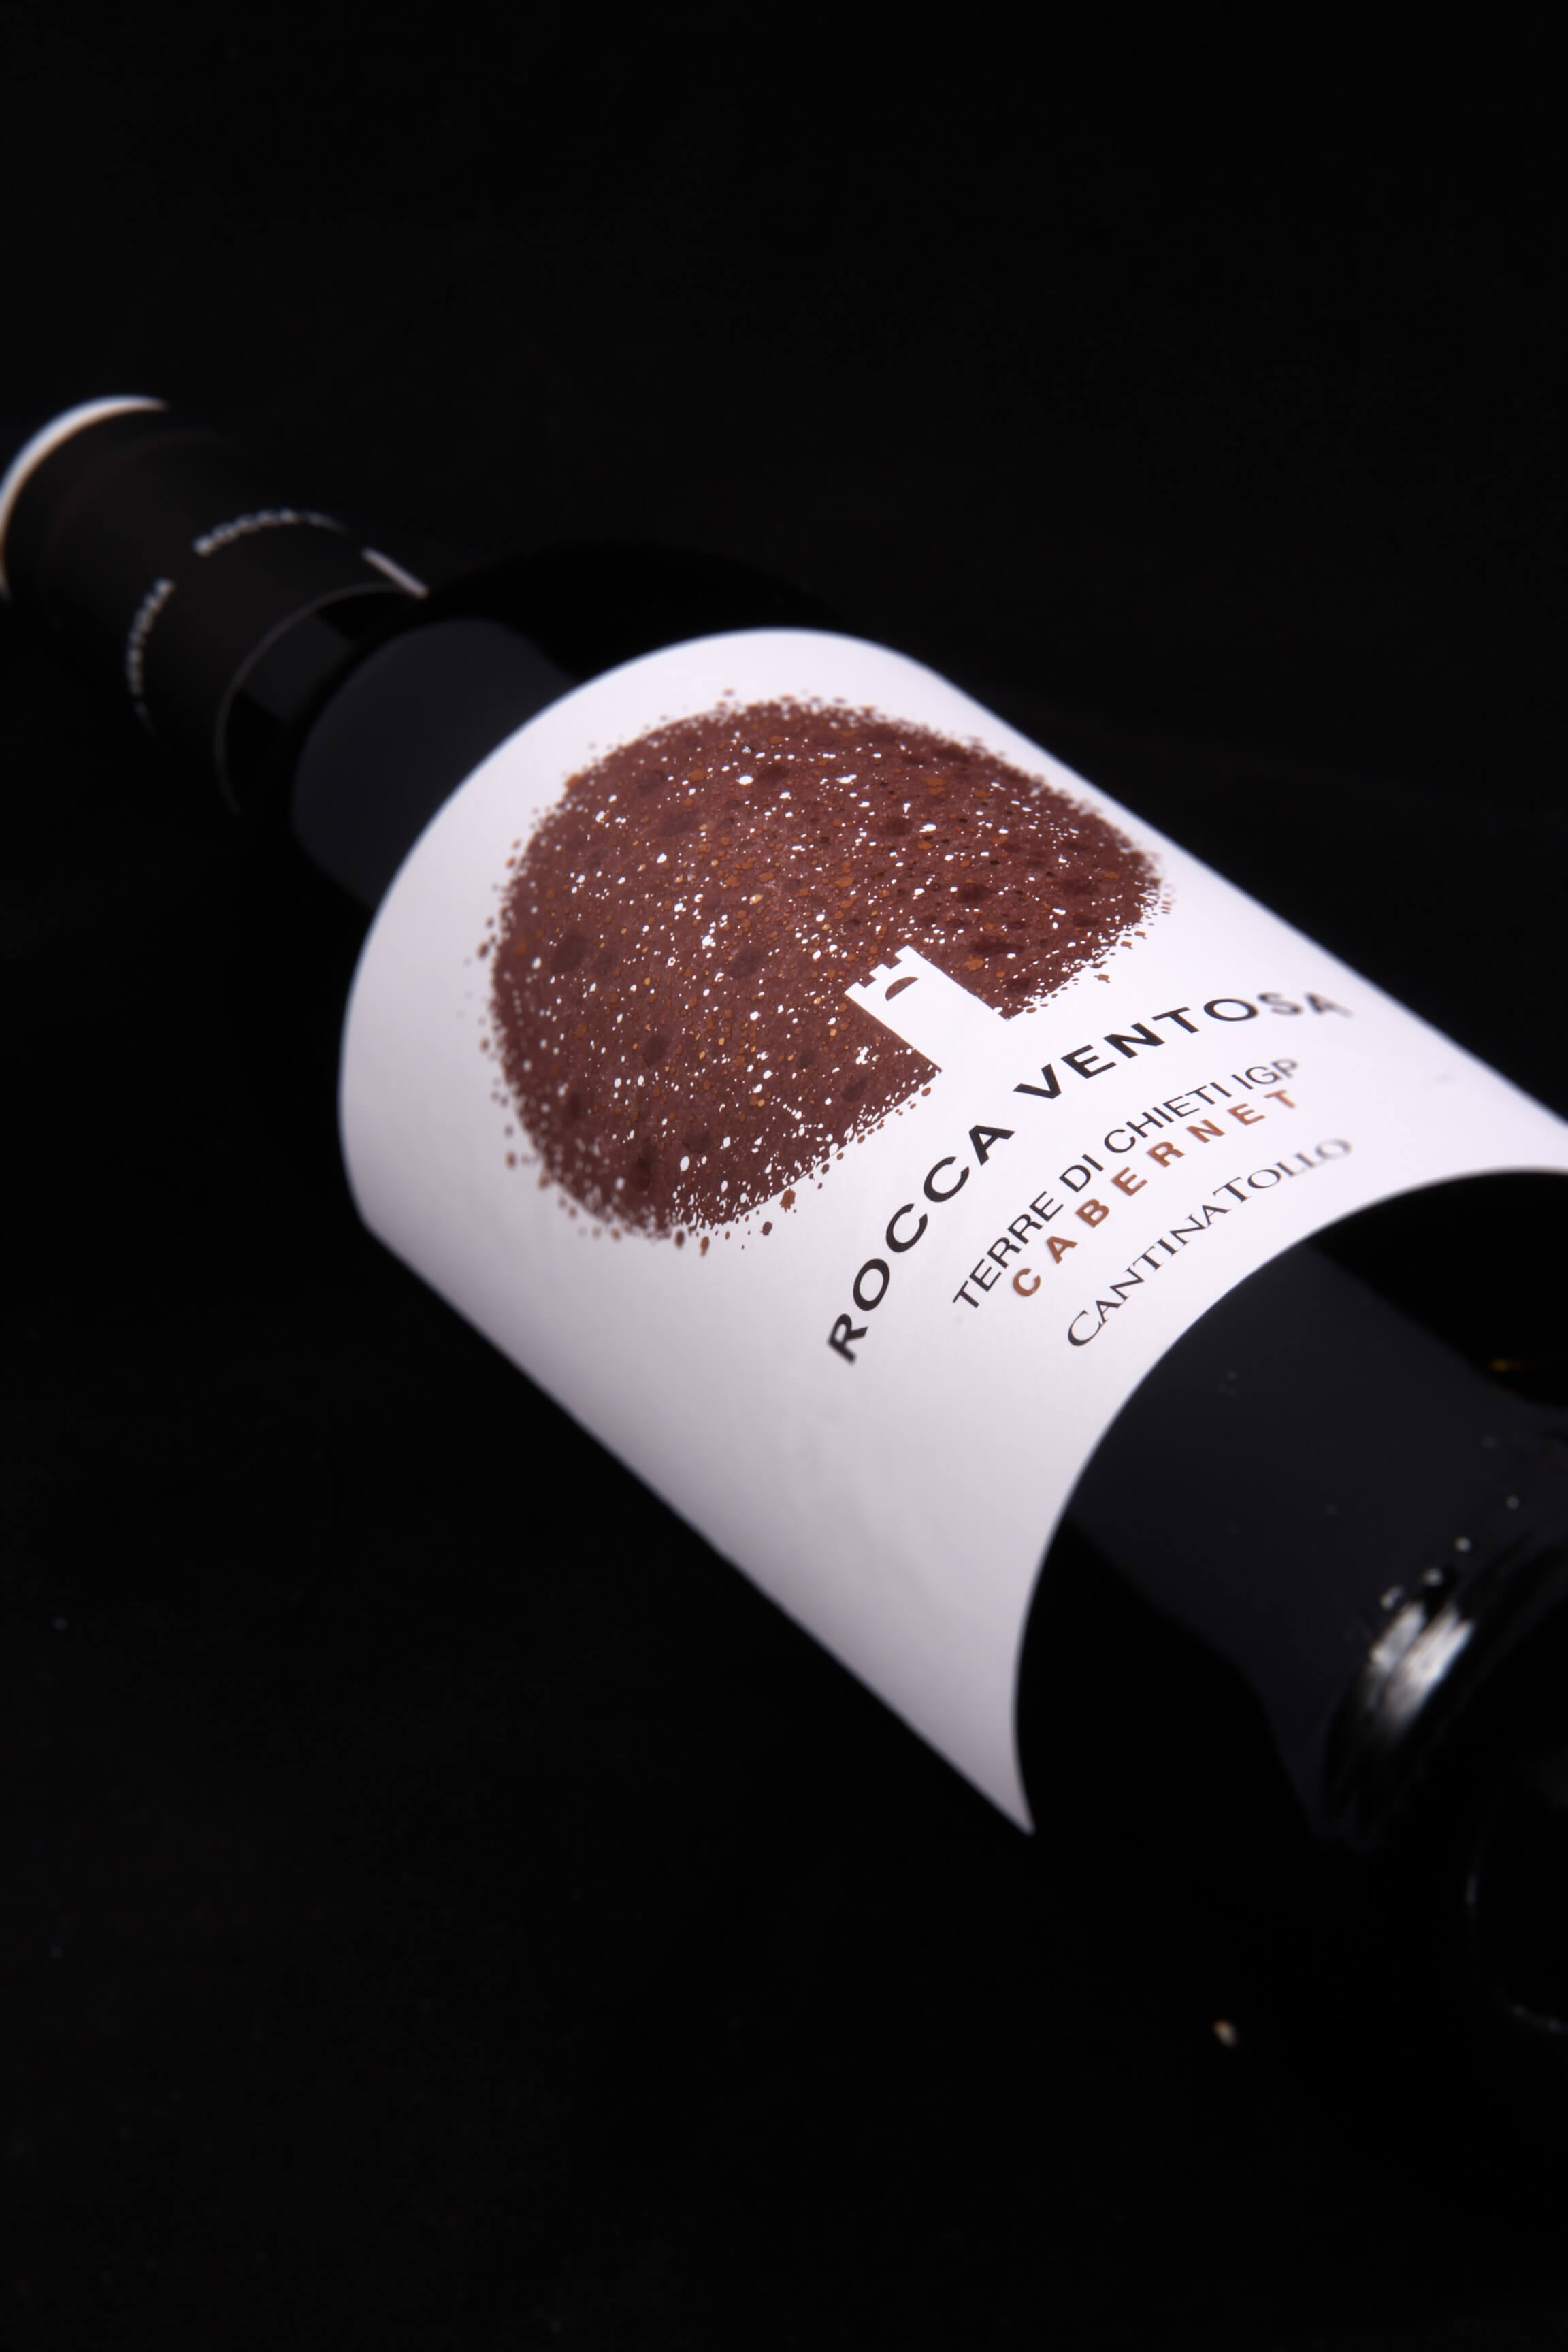 vino_nostrum-importadora_de_vinos_y_alimentos_ok32